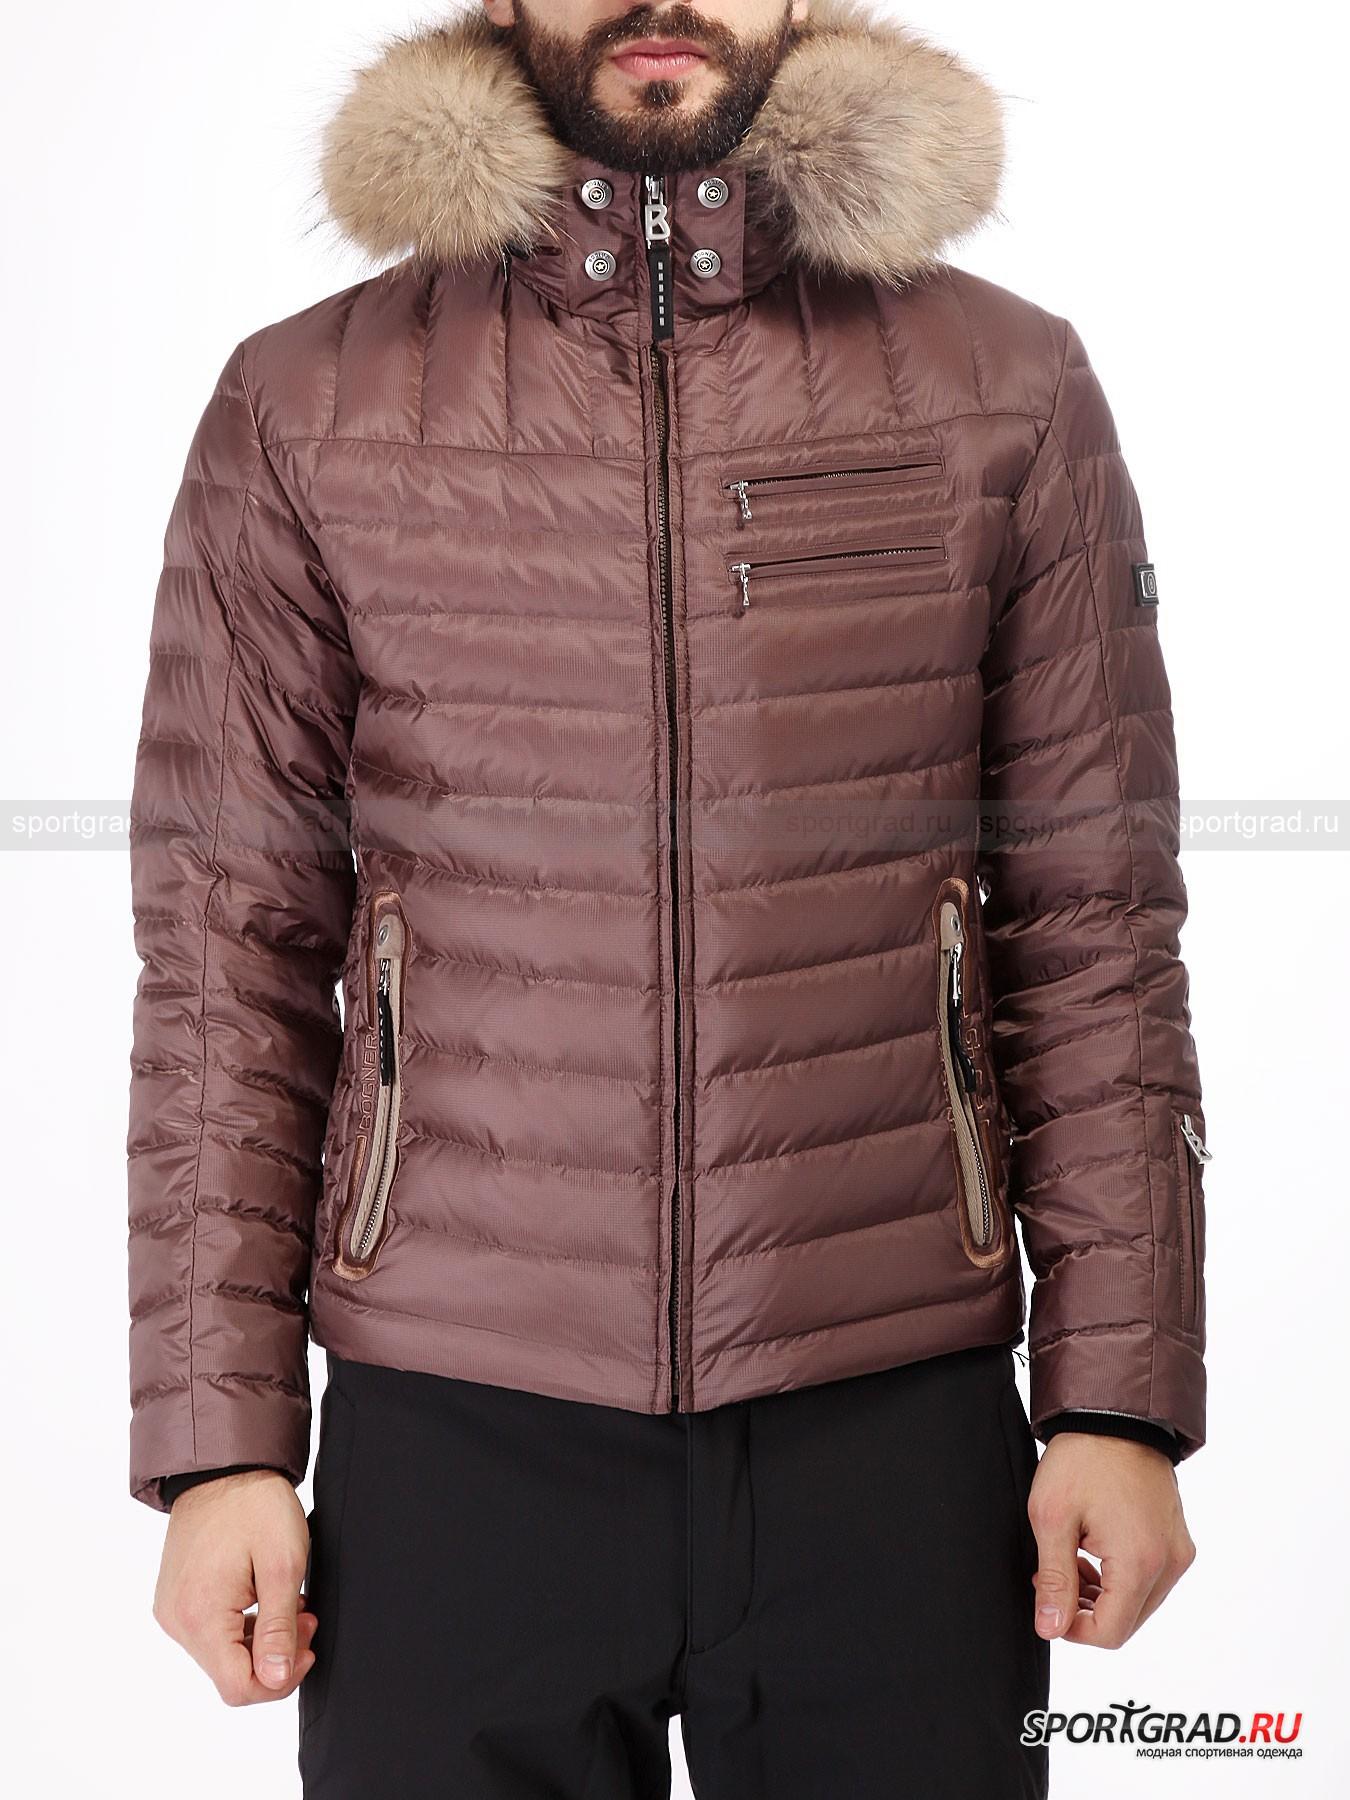 Куртка мужская горнолыжная Mert-D BOGNERПуховики<br>Горнолыжная куртка Mert-D от известного немецкого бренда Bogner примечательна тем, что не выглядит сугубо спортивно и вполне может составить компанию не только горнолыжным же брюкам, но и обычным джинсам или штанам для города. Выгодное приобретение, которое прослужит вам долгие годы благодаря безупречному качеству.<br><br>Куртка утеплена натуральным пухом с примесью пера, который обеспечивает превосходную защиту от холода. <br><br>Особенности модели:<br>- влагозашита 20000 мм водяного столба;<br>- воздухопроницаемость 20000 г/м2/24ч;<br>- фронтальная молния по всей длине;<br> - вшитая вставка черного цвета по центру, снабженная еще одной молнией;<br>- высокий воротник;<br>- отстегивающийся капюшон с утяжкой, который можно дополнить мехом (приобретается отдельно);<br>- два горизонтальных кармана, два вертикальных и один на рукаве;<br>- два внутренних кармана: один сетчатый накладной, другой на молнии;<br>- трикотажные манжеты;<br>- снегозащитная «юбка»;<br>- утяжка по низу изнутри;<br>- надпись Bogner на капюшоне и фирменная нашивка на плече.<br><br>Пол: Мужской<br>Возраст: Взрослый<br>Тип: Пуховики<br>Рекомендации по уходу: Деликатная стирка при 30 С, не отбеливать, гладить при температуре до 110 С; щадящая влажная чистка; можно сушить в стиральной машине.<br>Состав: Материал верха 100% полиамид; подкладка 1)64% полиэстер, 36% полиамид 2)100% полиамид; наполнитель 80% пух, 20% перо